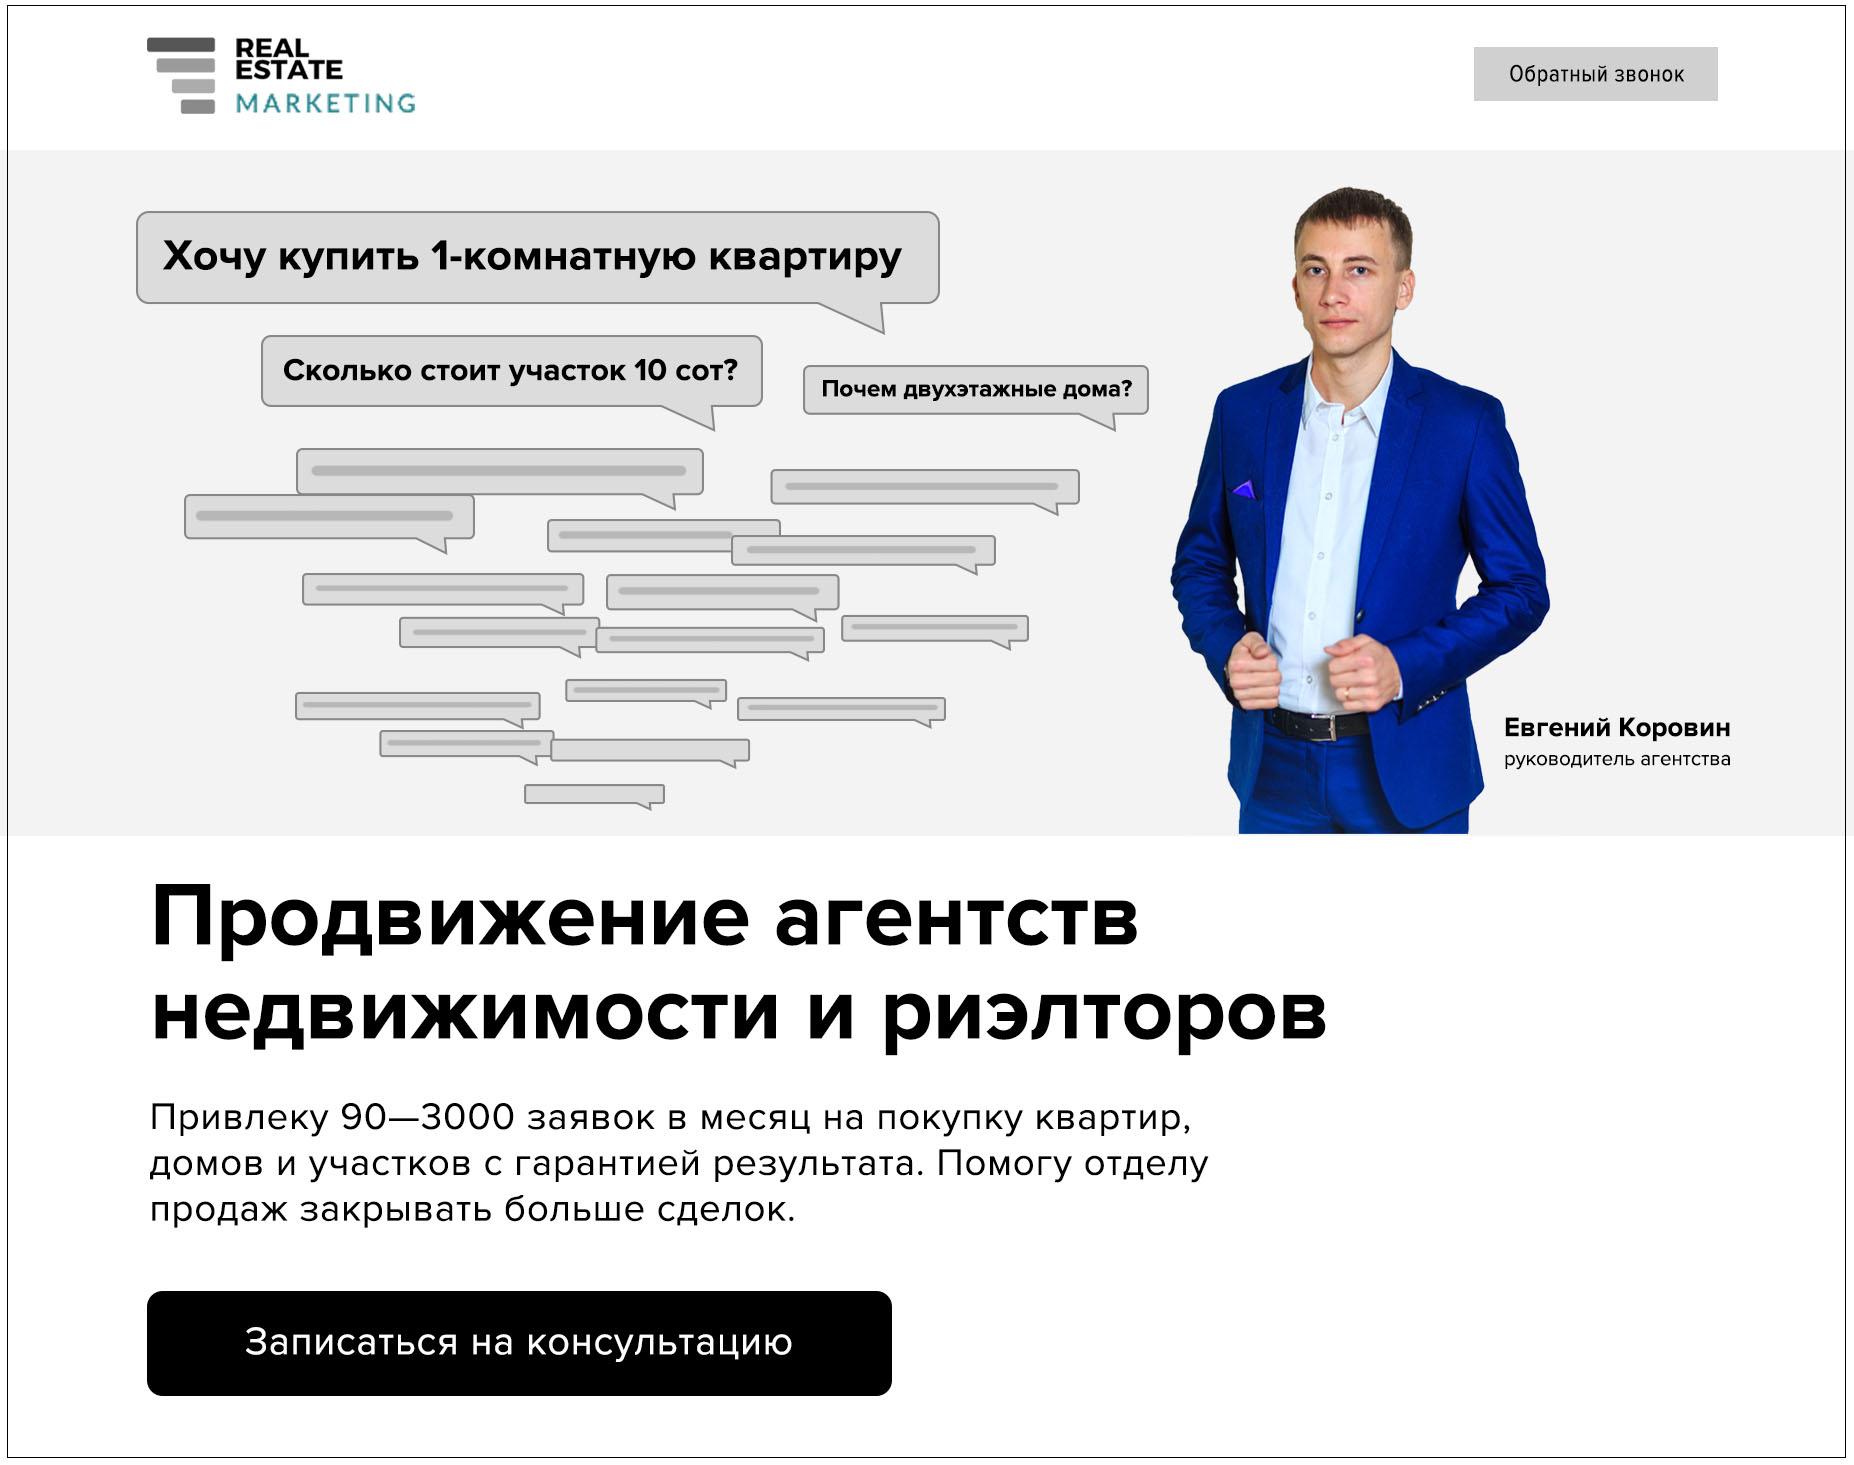 Как сделать первый экран лендинга – страница Евгения Коровина